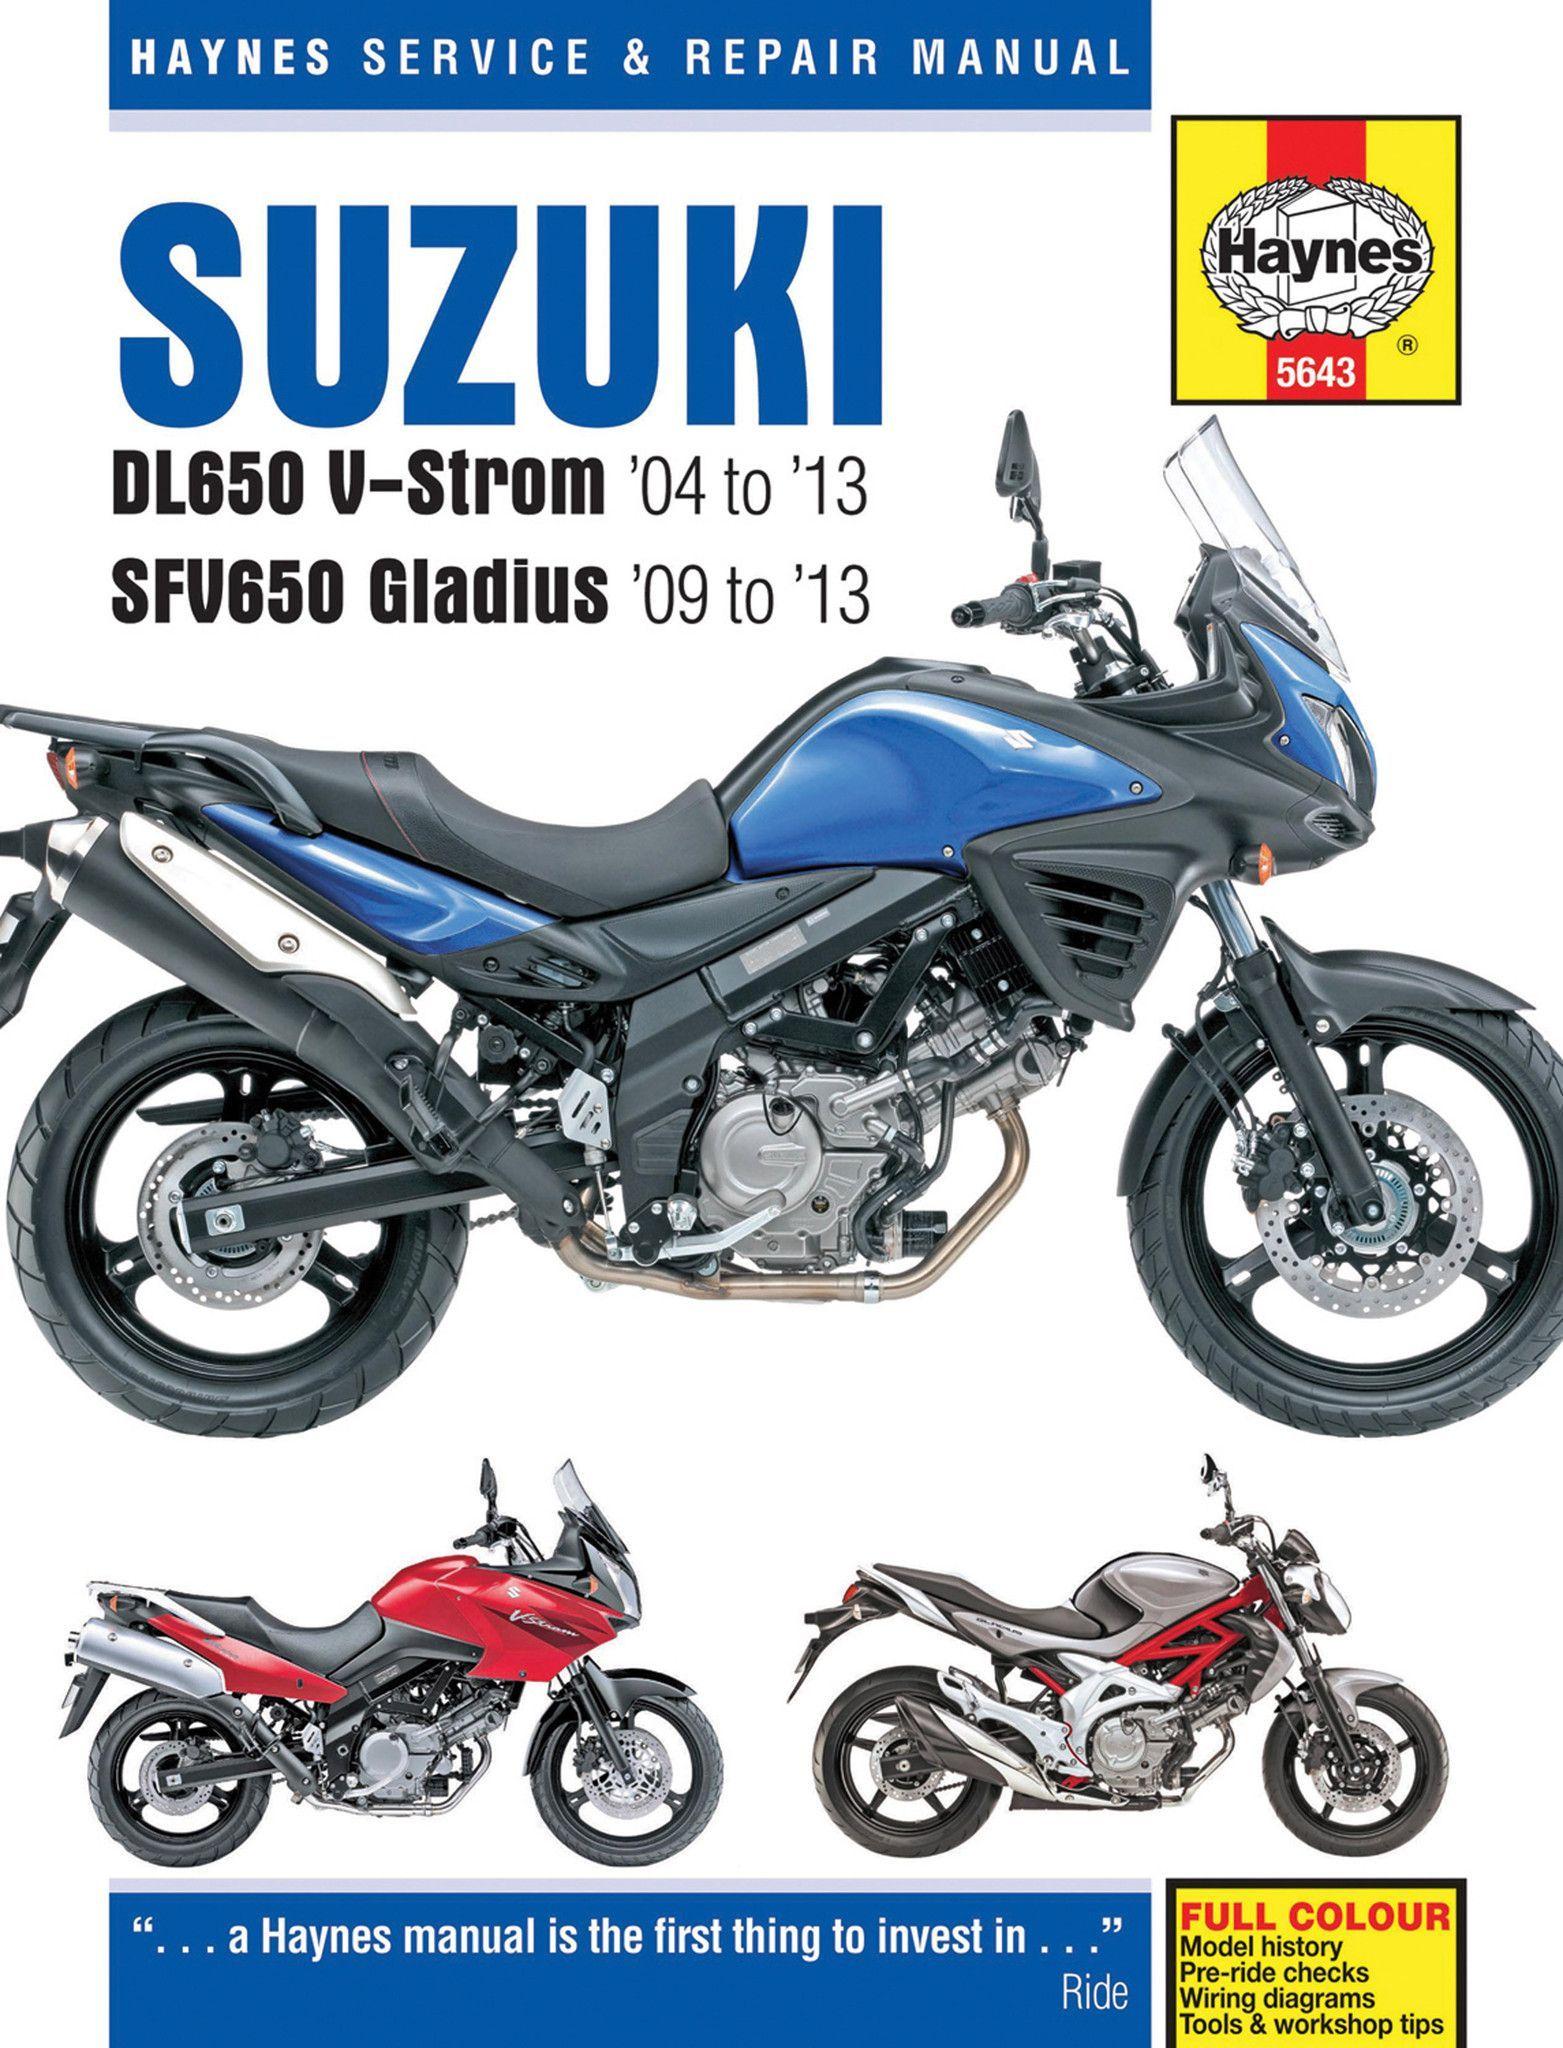 Haynes M5643 Repair Manual for 2004-13 Suzuki DL650 V-Strom & SFV650 Gladius